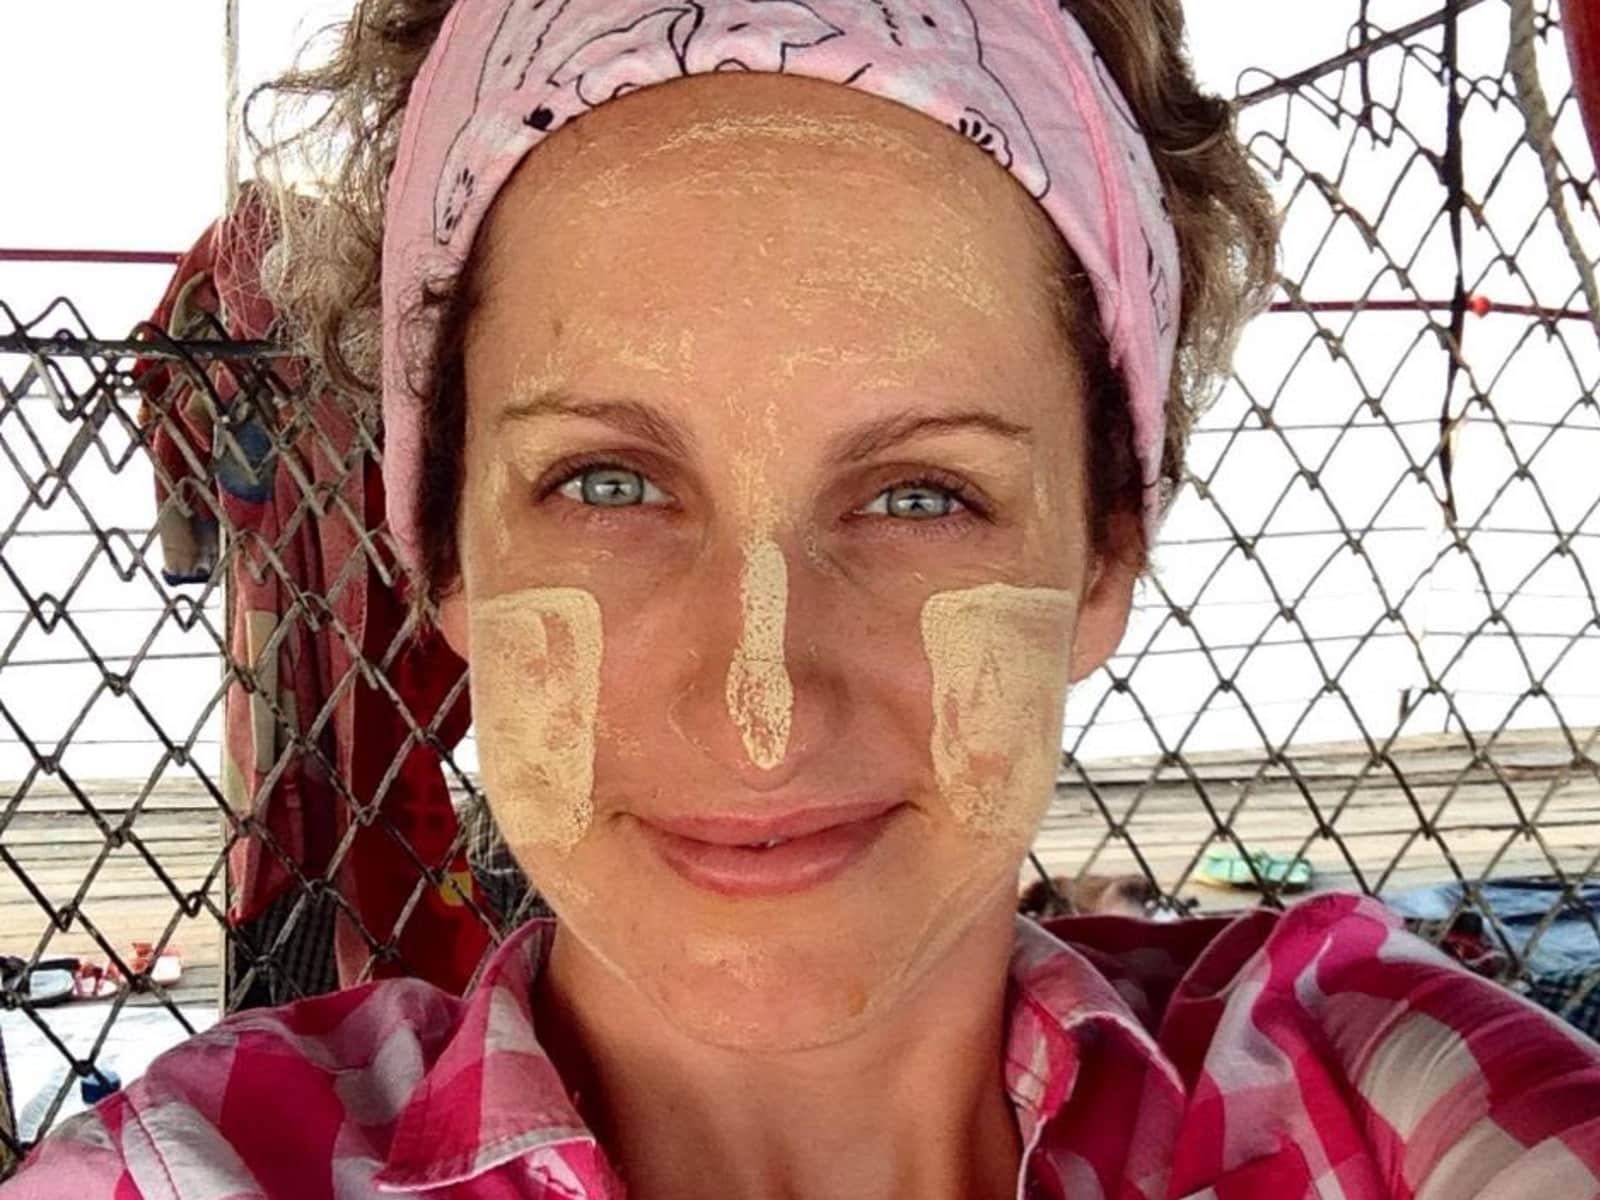 Katherine from Brisbane, Queensland, Australia